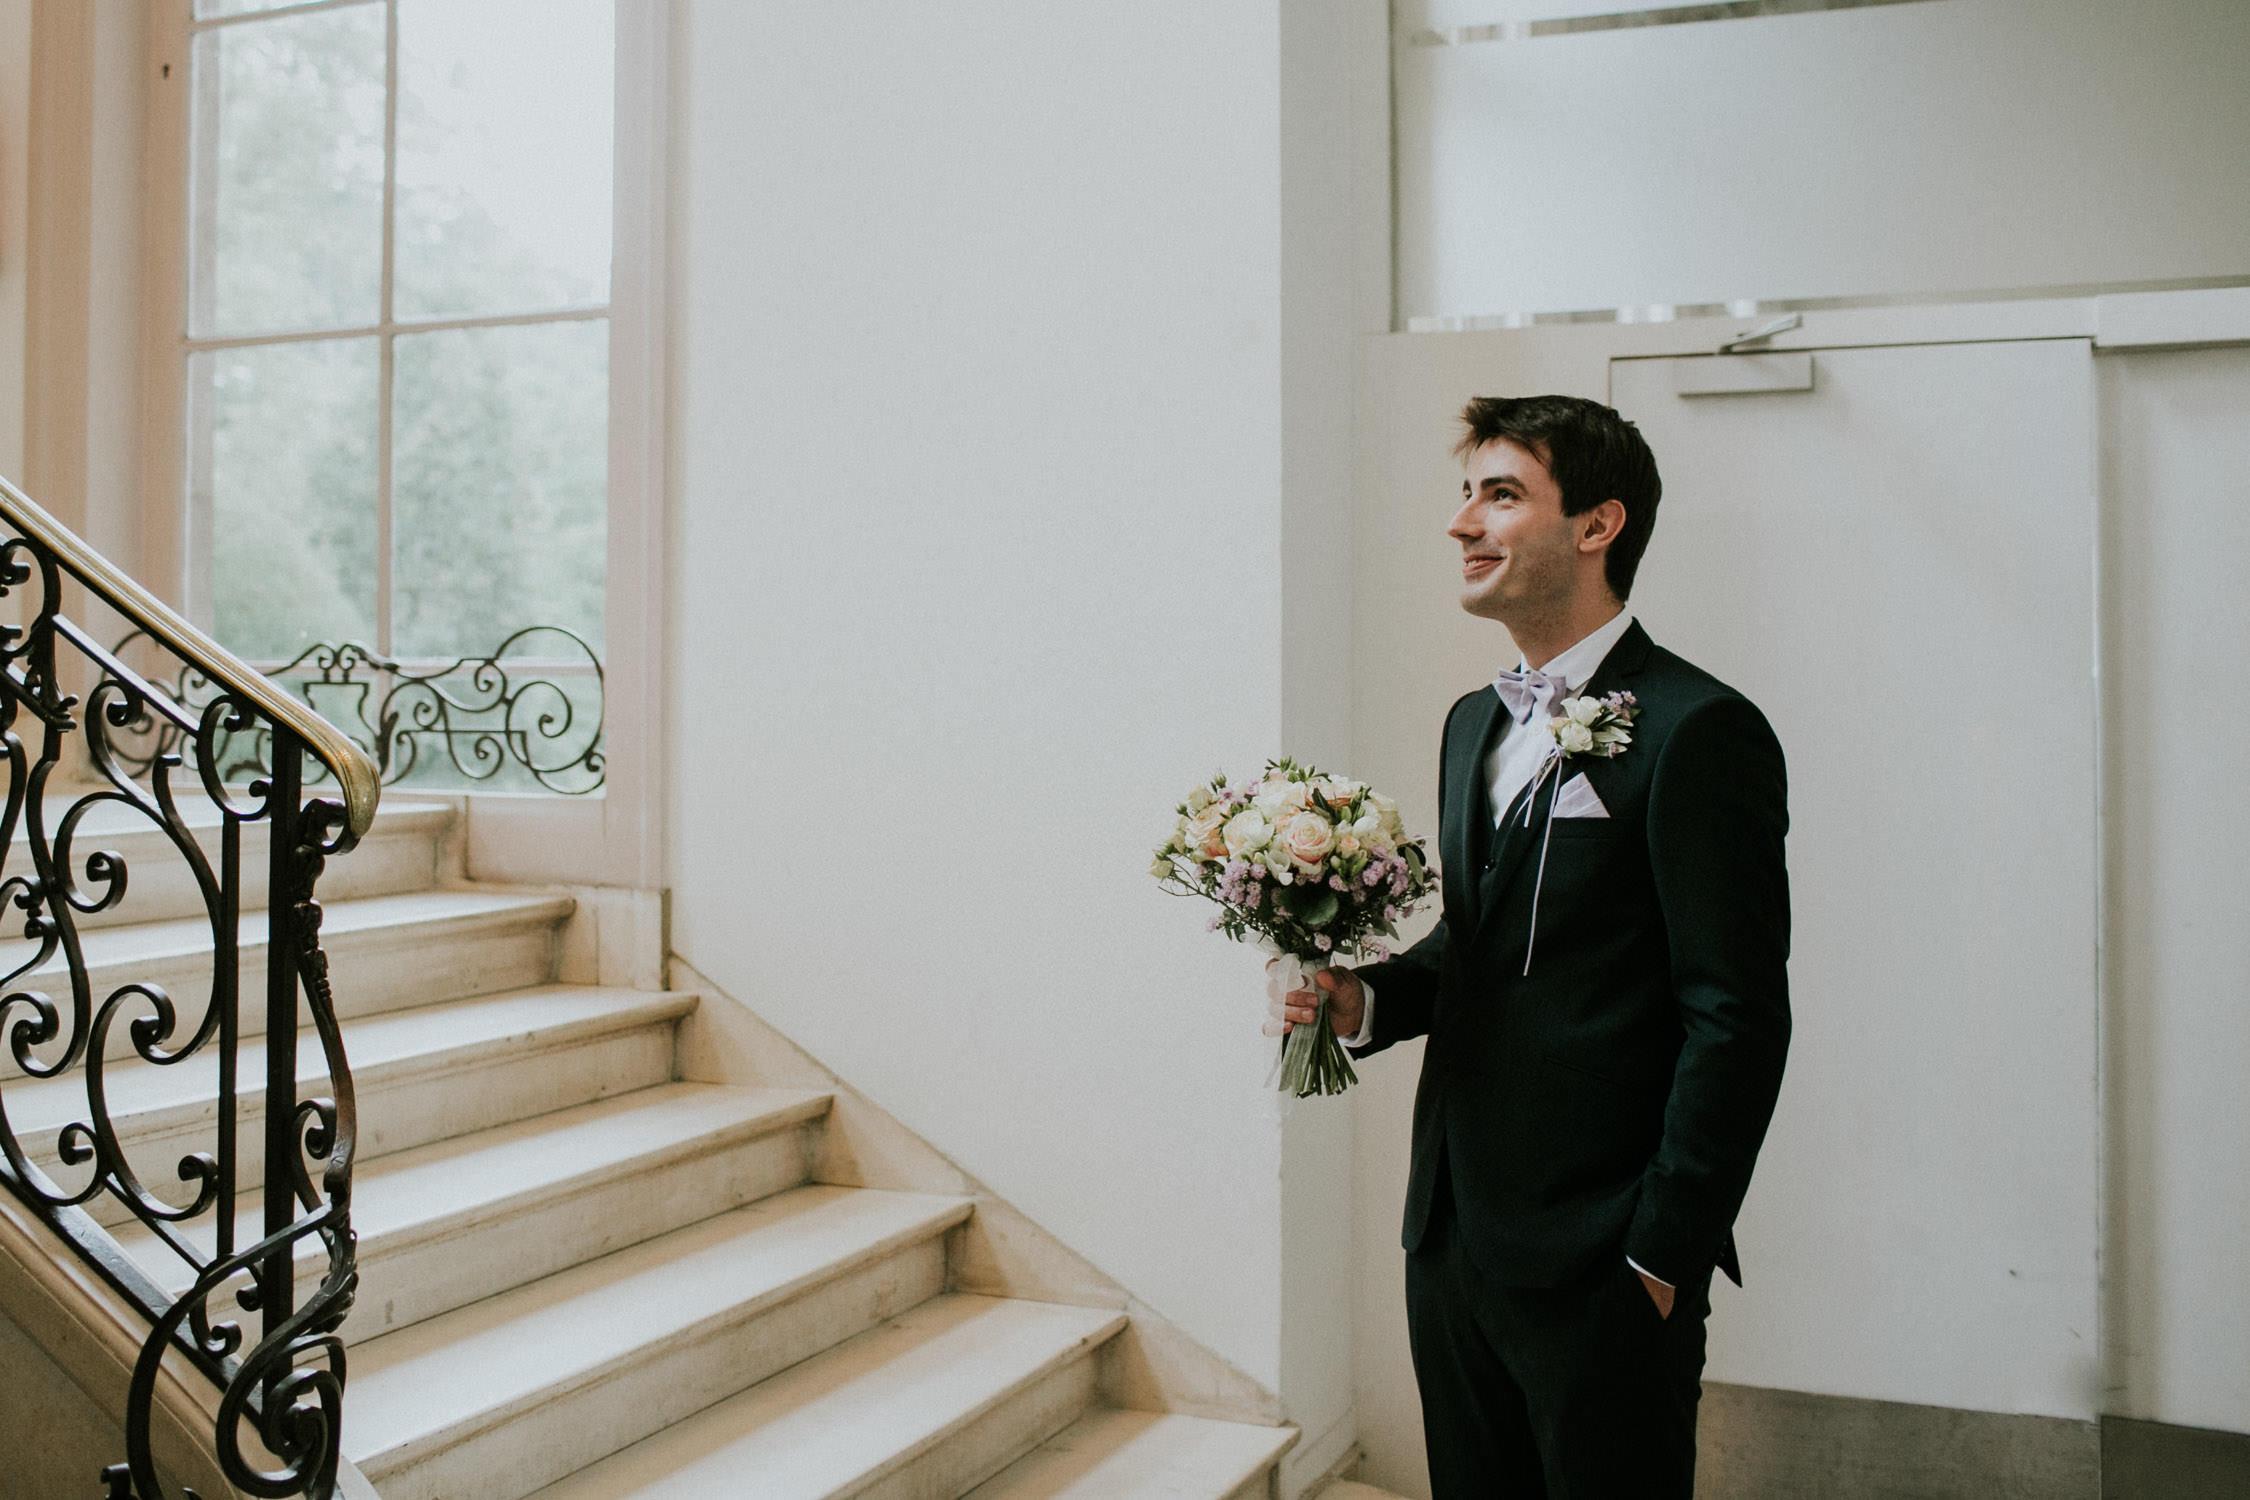 Huwelijksfotograaf Antwerpen, bruidegom wacht op bruid